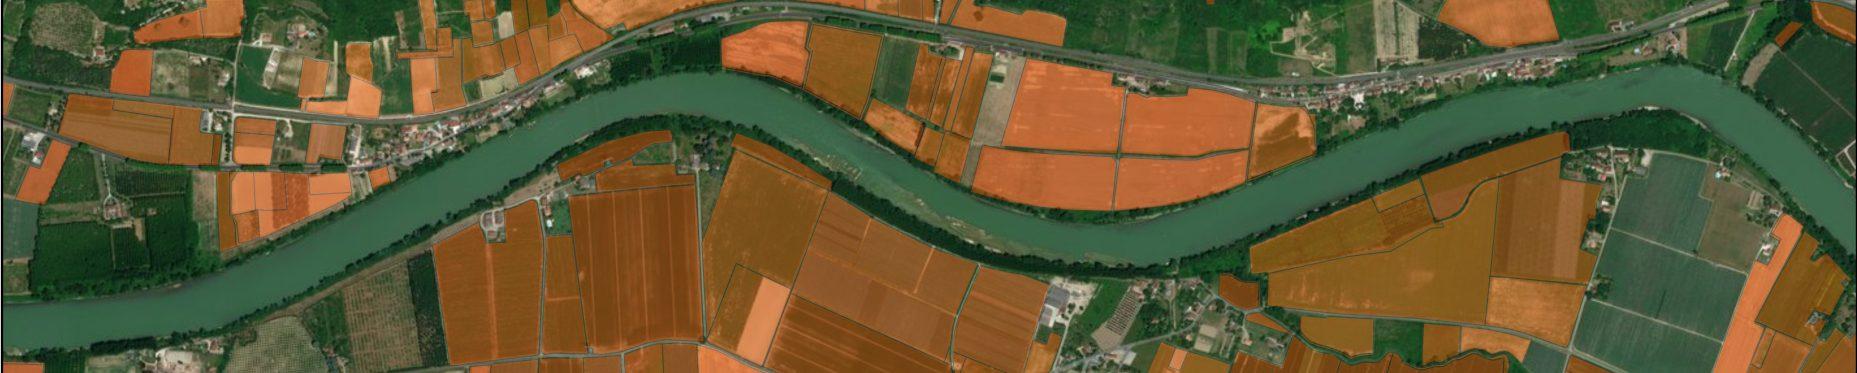 Étape 1. Étude des relations propriété-usage dans les dispositifs fonciers associés à la protection des milieux aquatiques